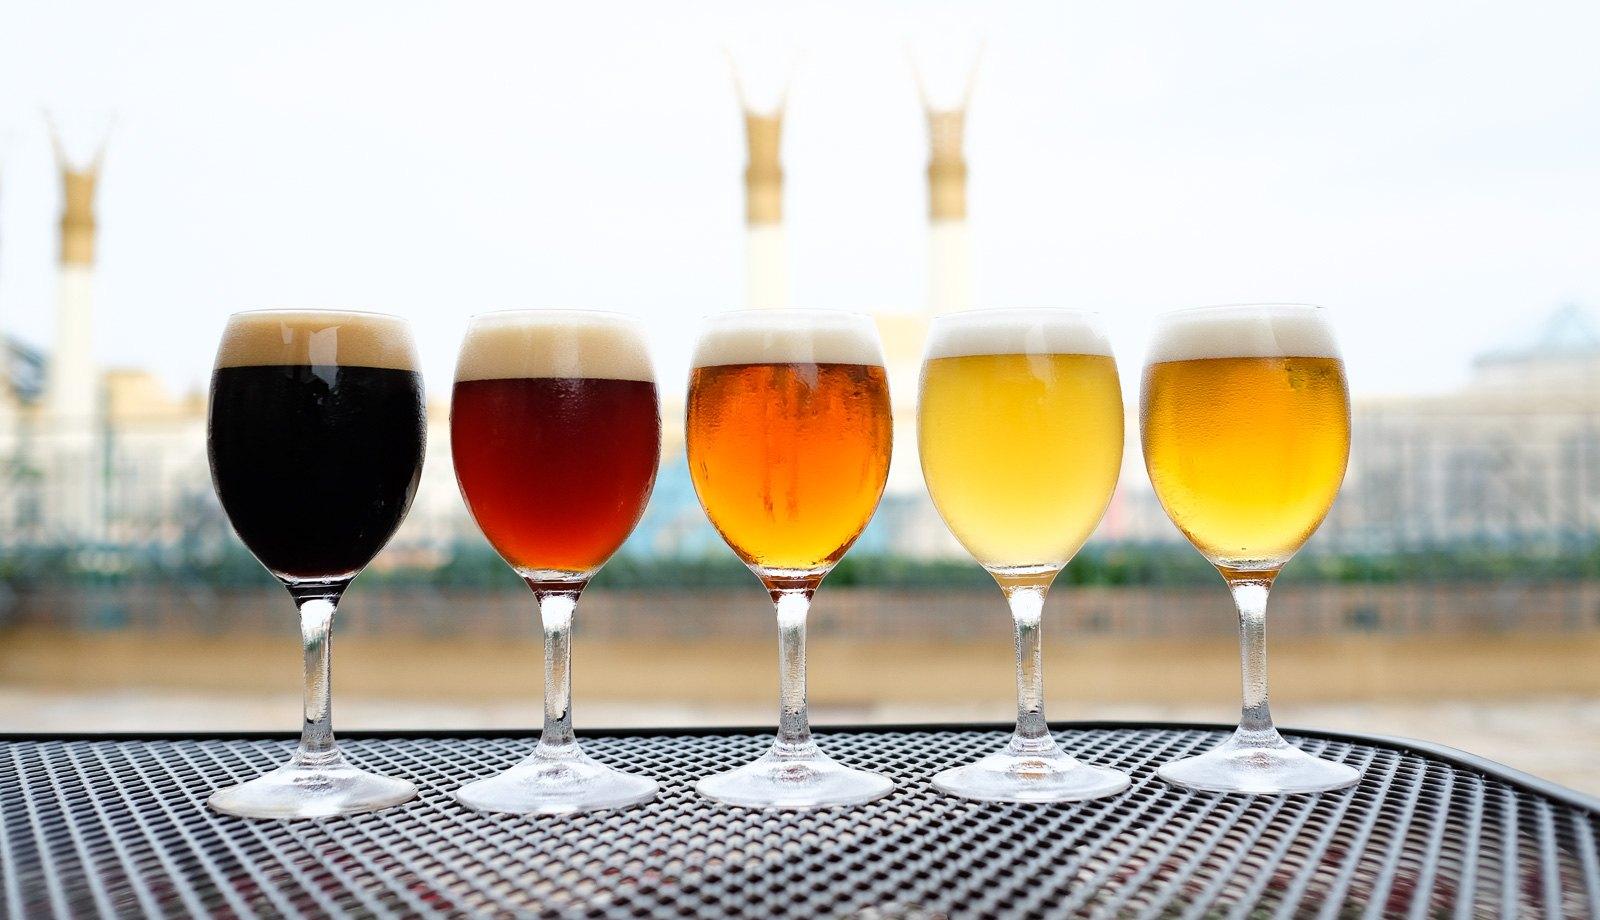 自分好みのビールはデータからわかる!?クラフトビールの苦味や色を数値化してくれるIBU、SRM、EBC とは?